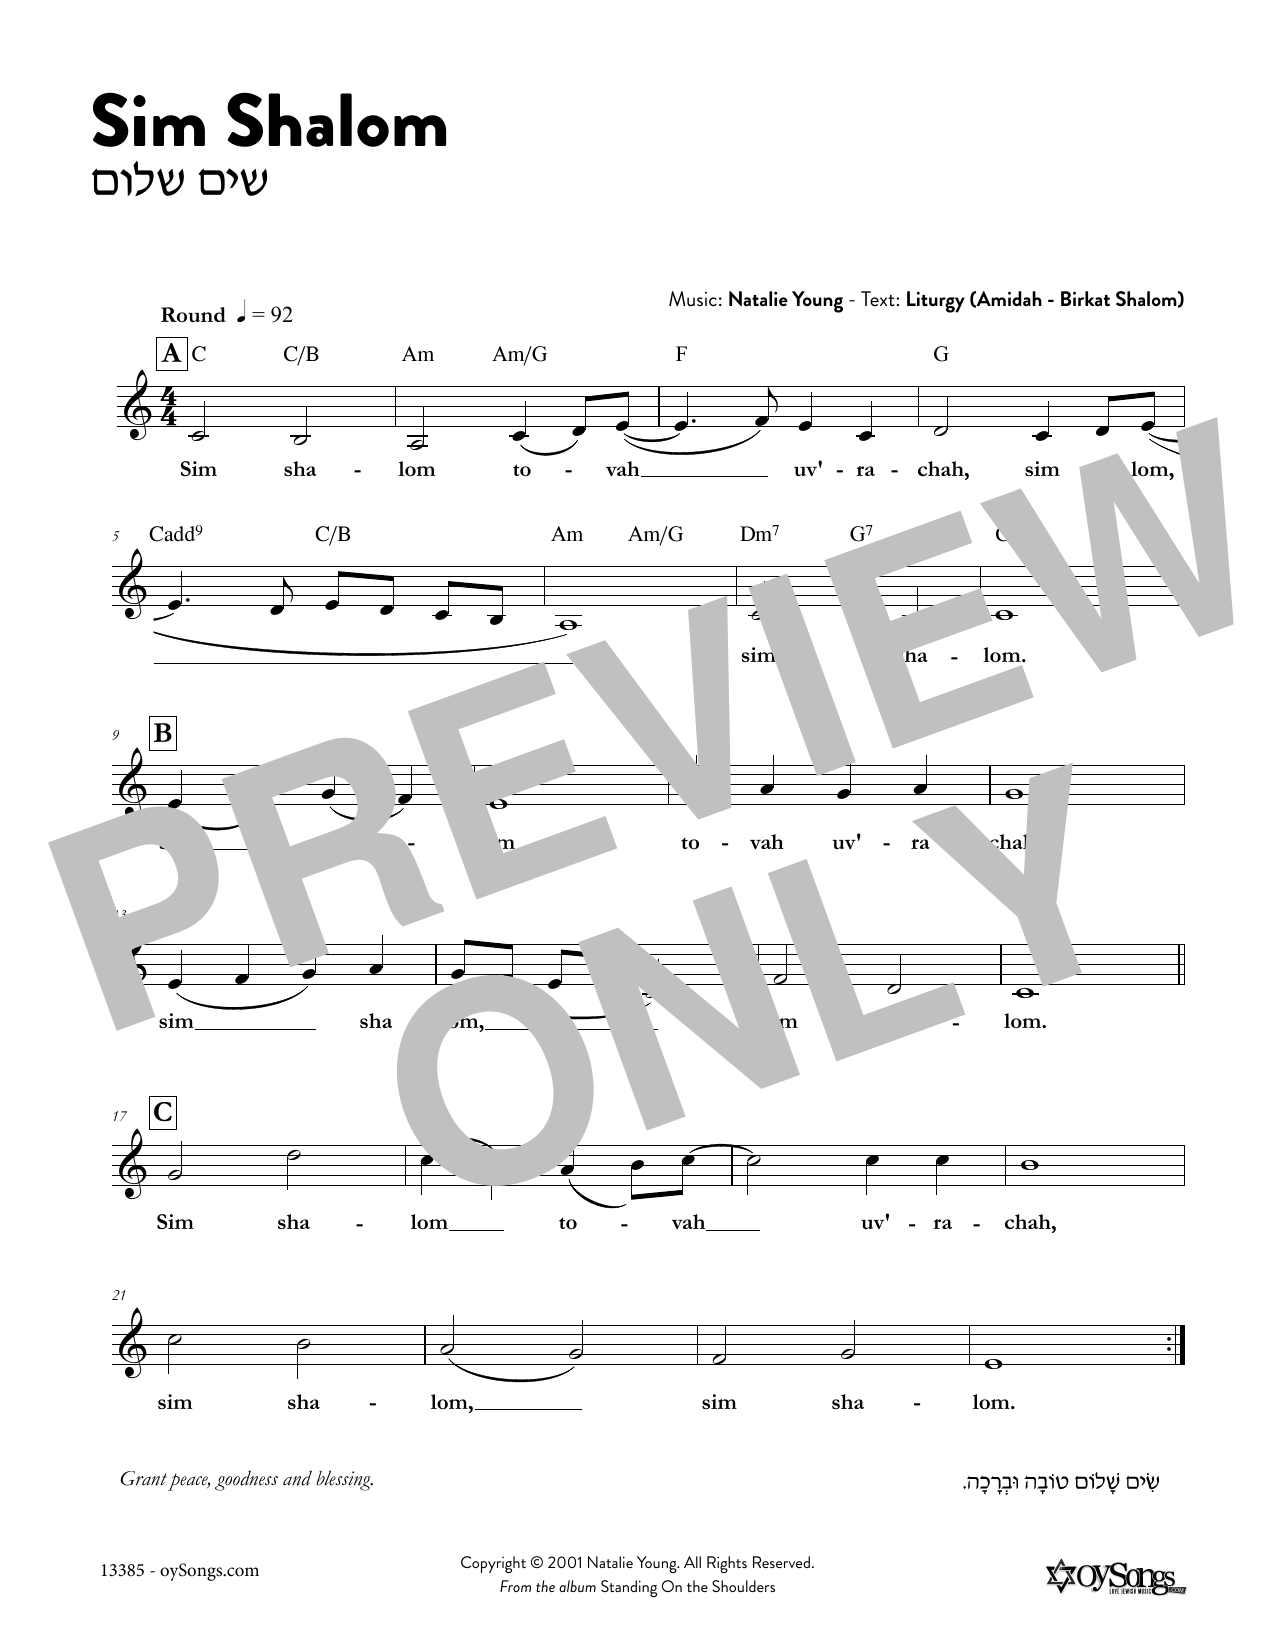 Sim Shalom Round Sheet Music